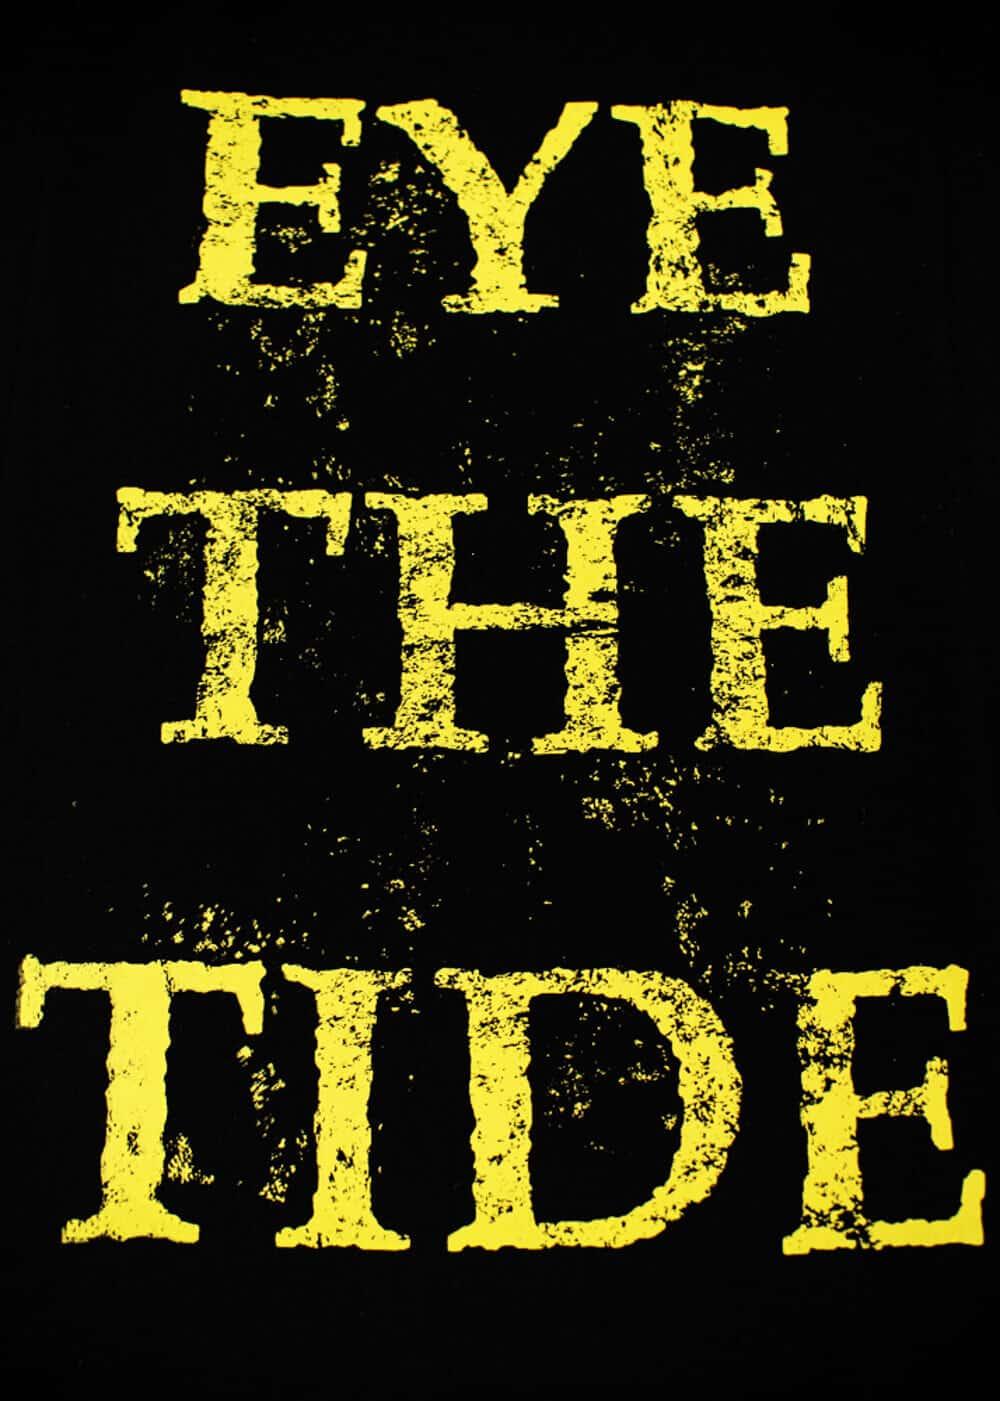 Eye The Tide